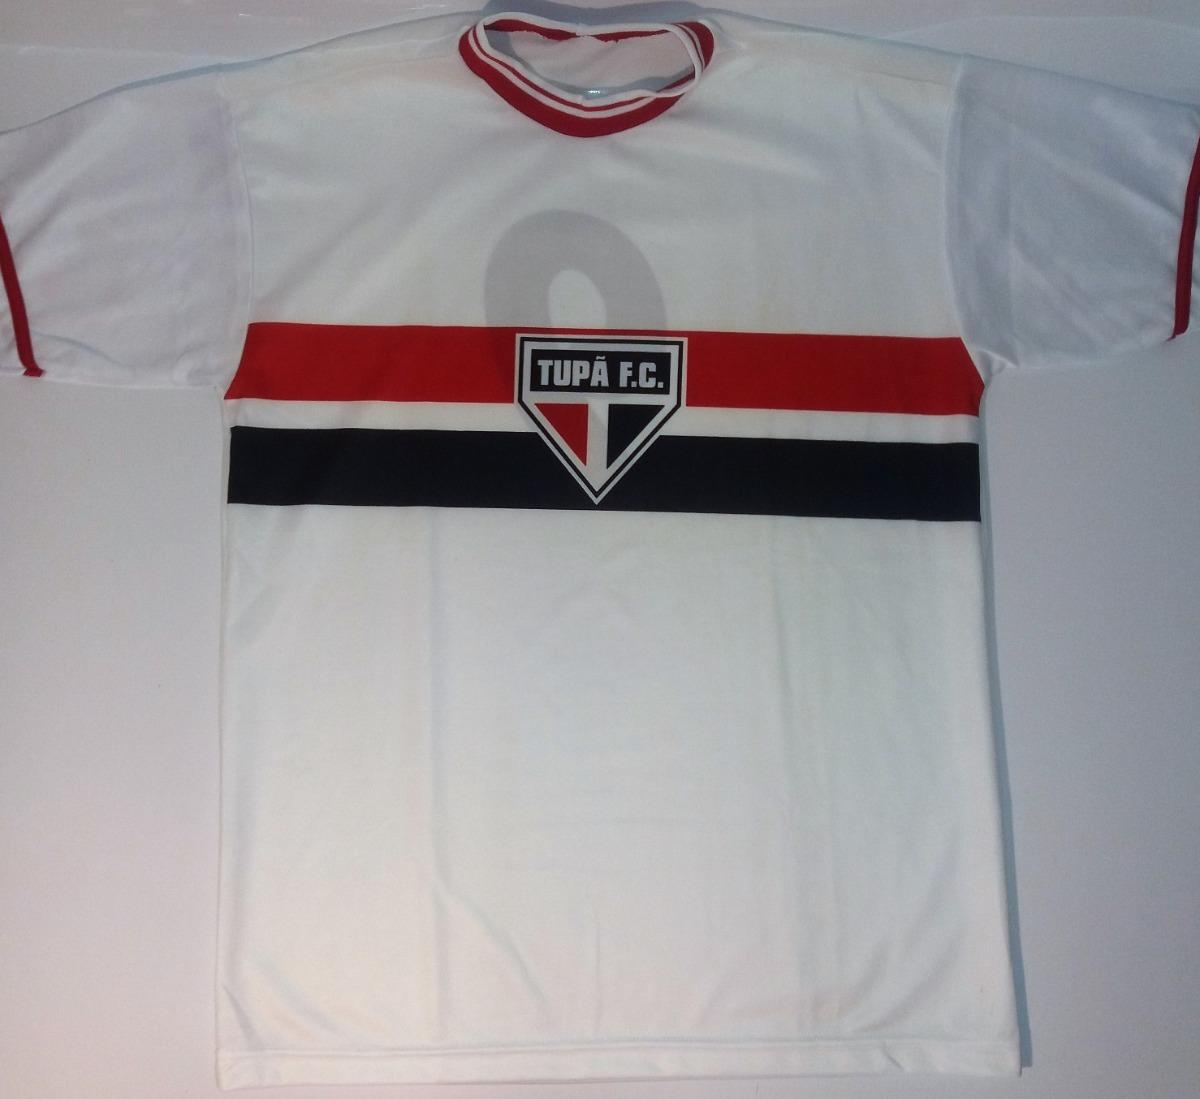 3c87d2c921 Camisa Tupã Futebol Clube Sp  antiga  rara  indio  guerreiro - R  59 ...